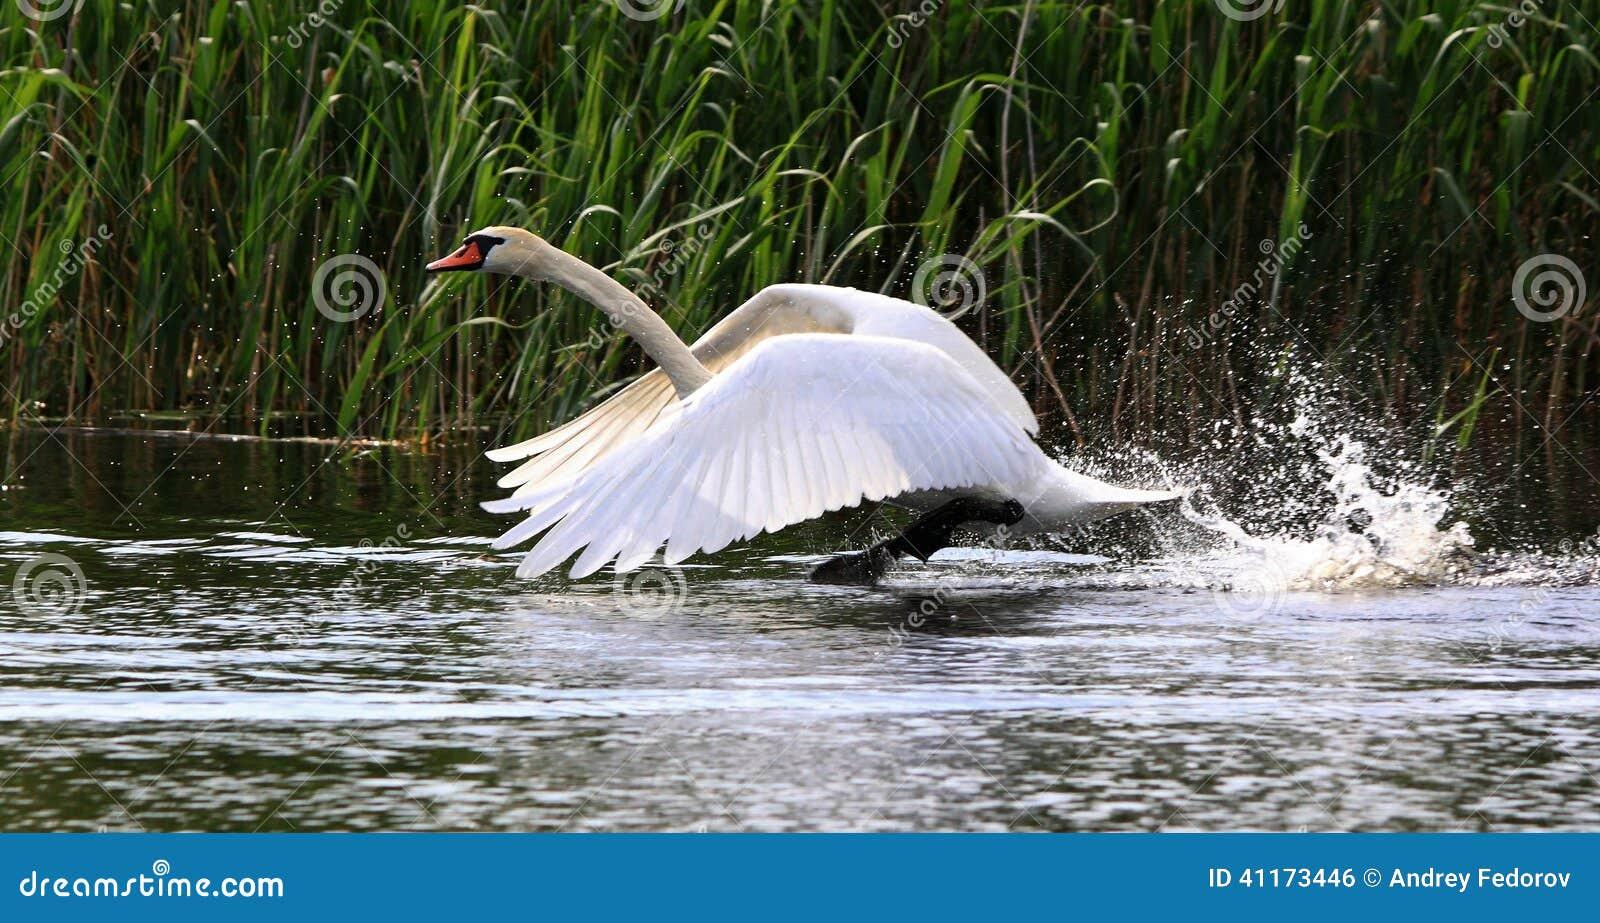 Flying Swan Stock Photo - Image: 41173446